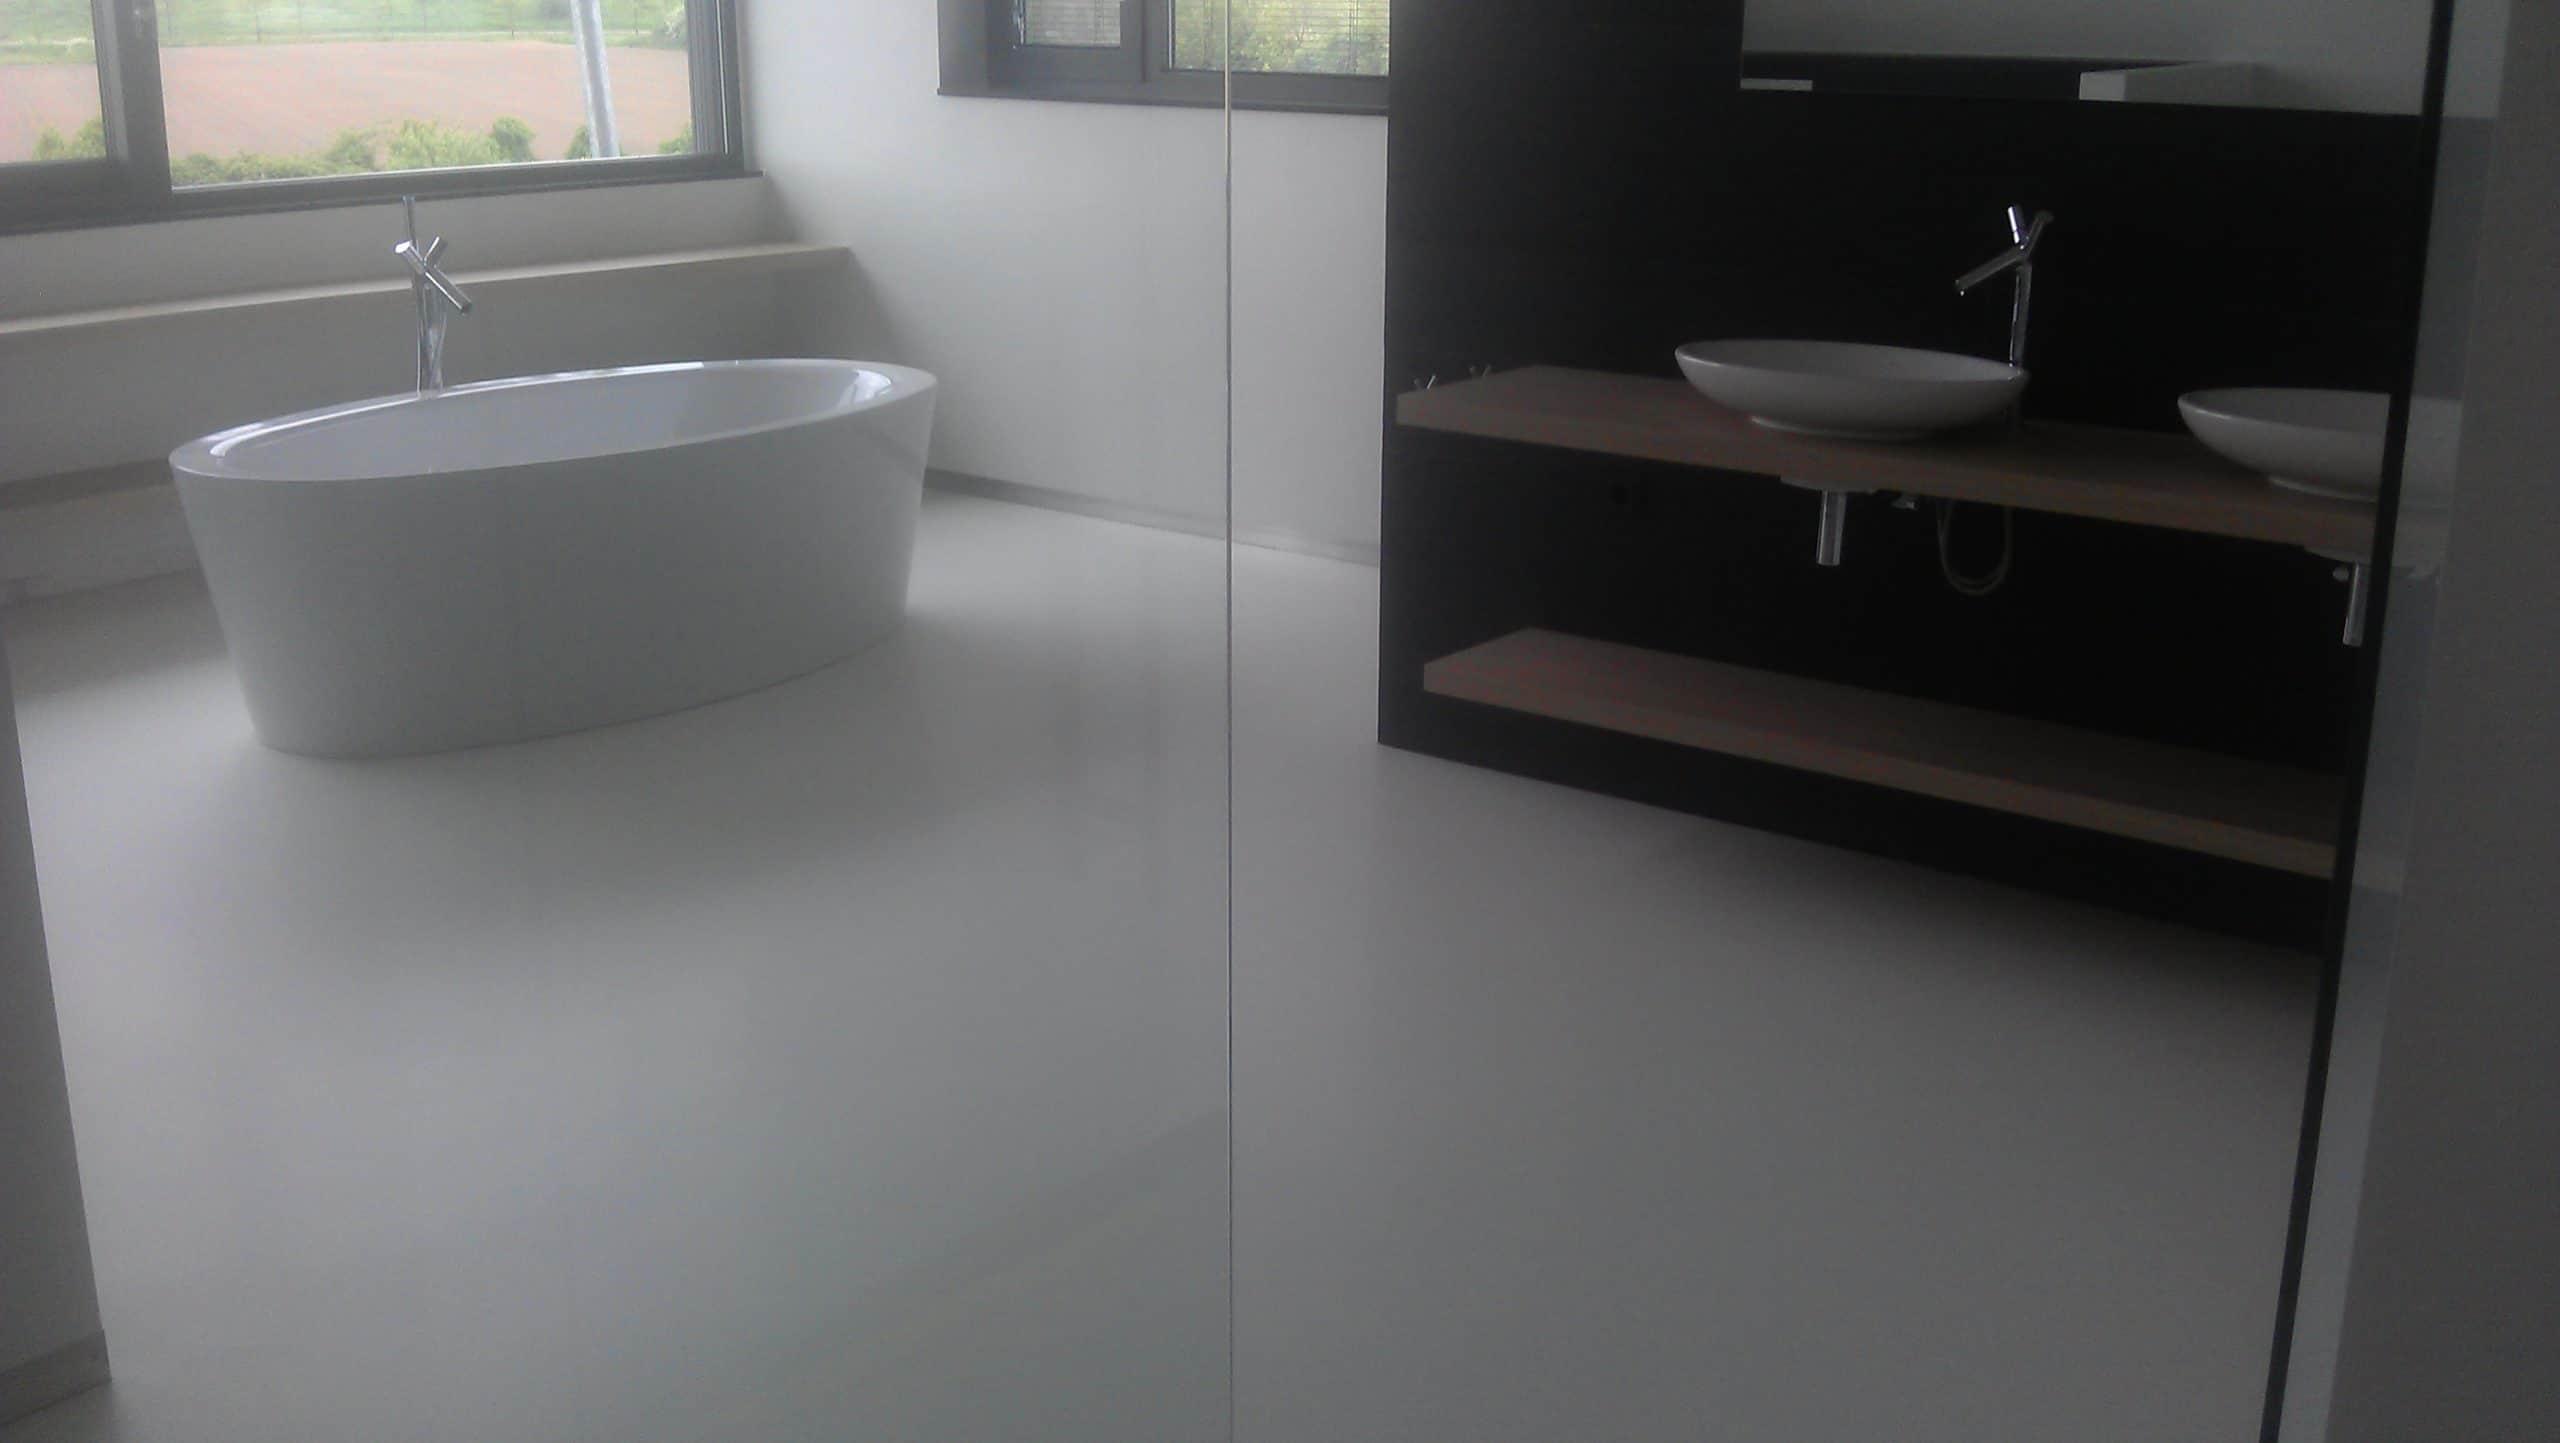 Badkamer Met Gietvloer : Badkamer gietvloer alphen nijssen vloeren